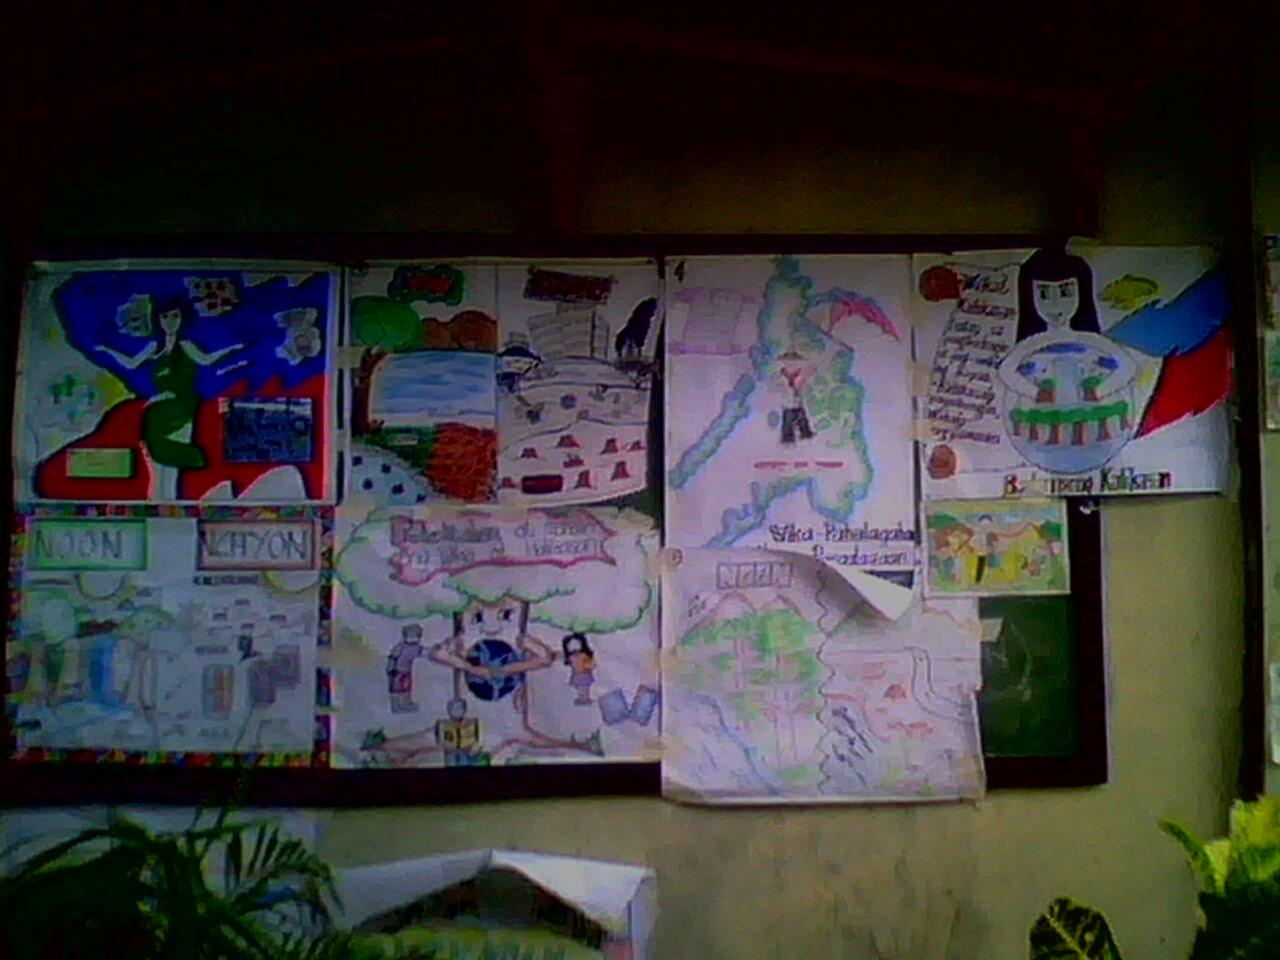 pangangalaga sa kalikasan drawing - philippin news collections